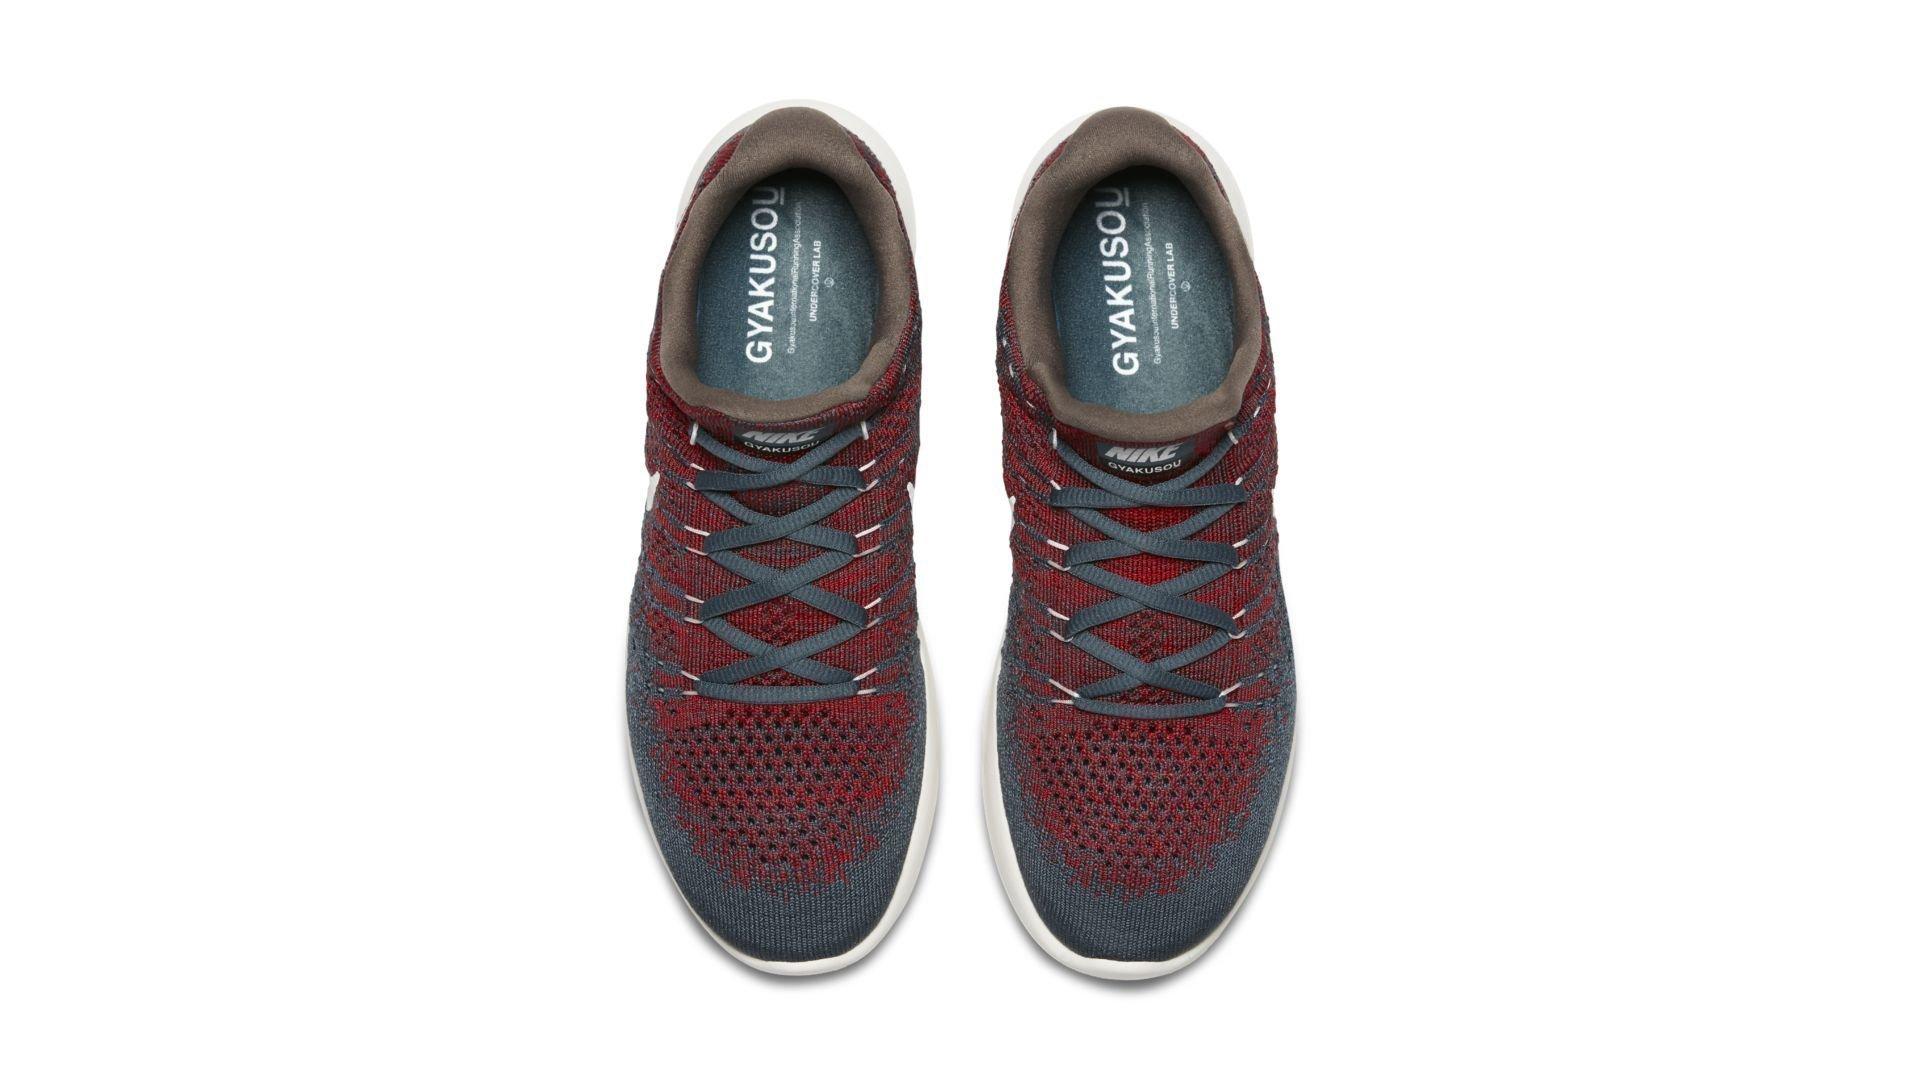 Nike LunarEpic Low Flyknit 2 Gyakusou Blue Fox (880283-400)